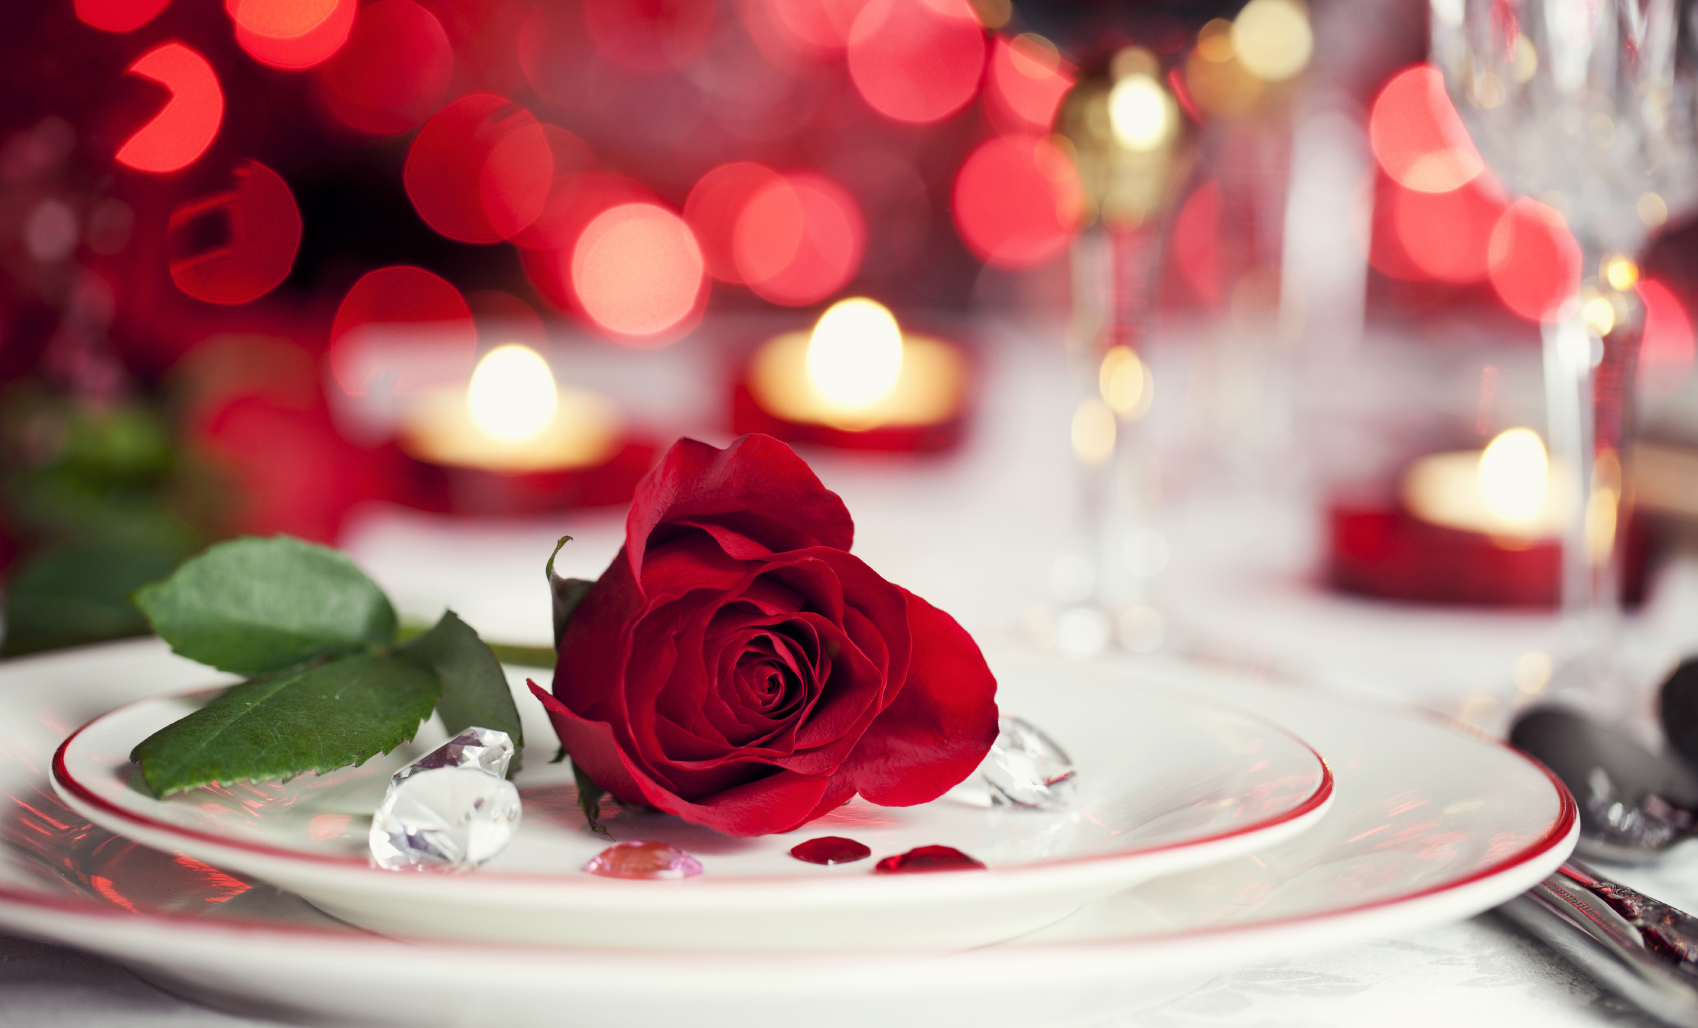 バレンタインのディナー料理は手作りで!レシピまとめ!自宅で豪華に!